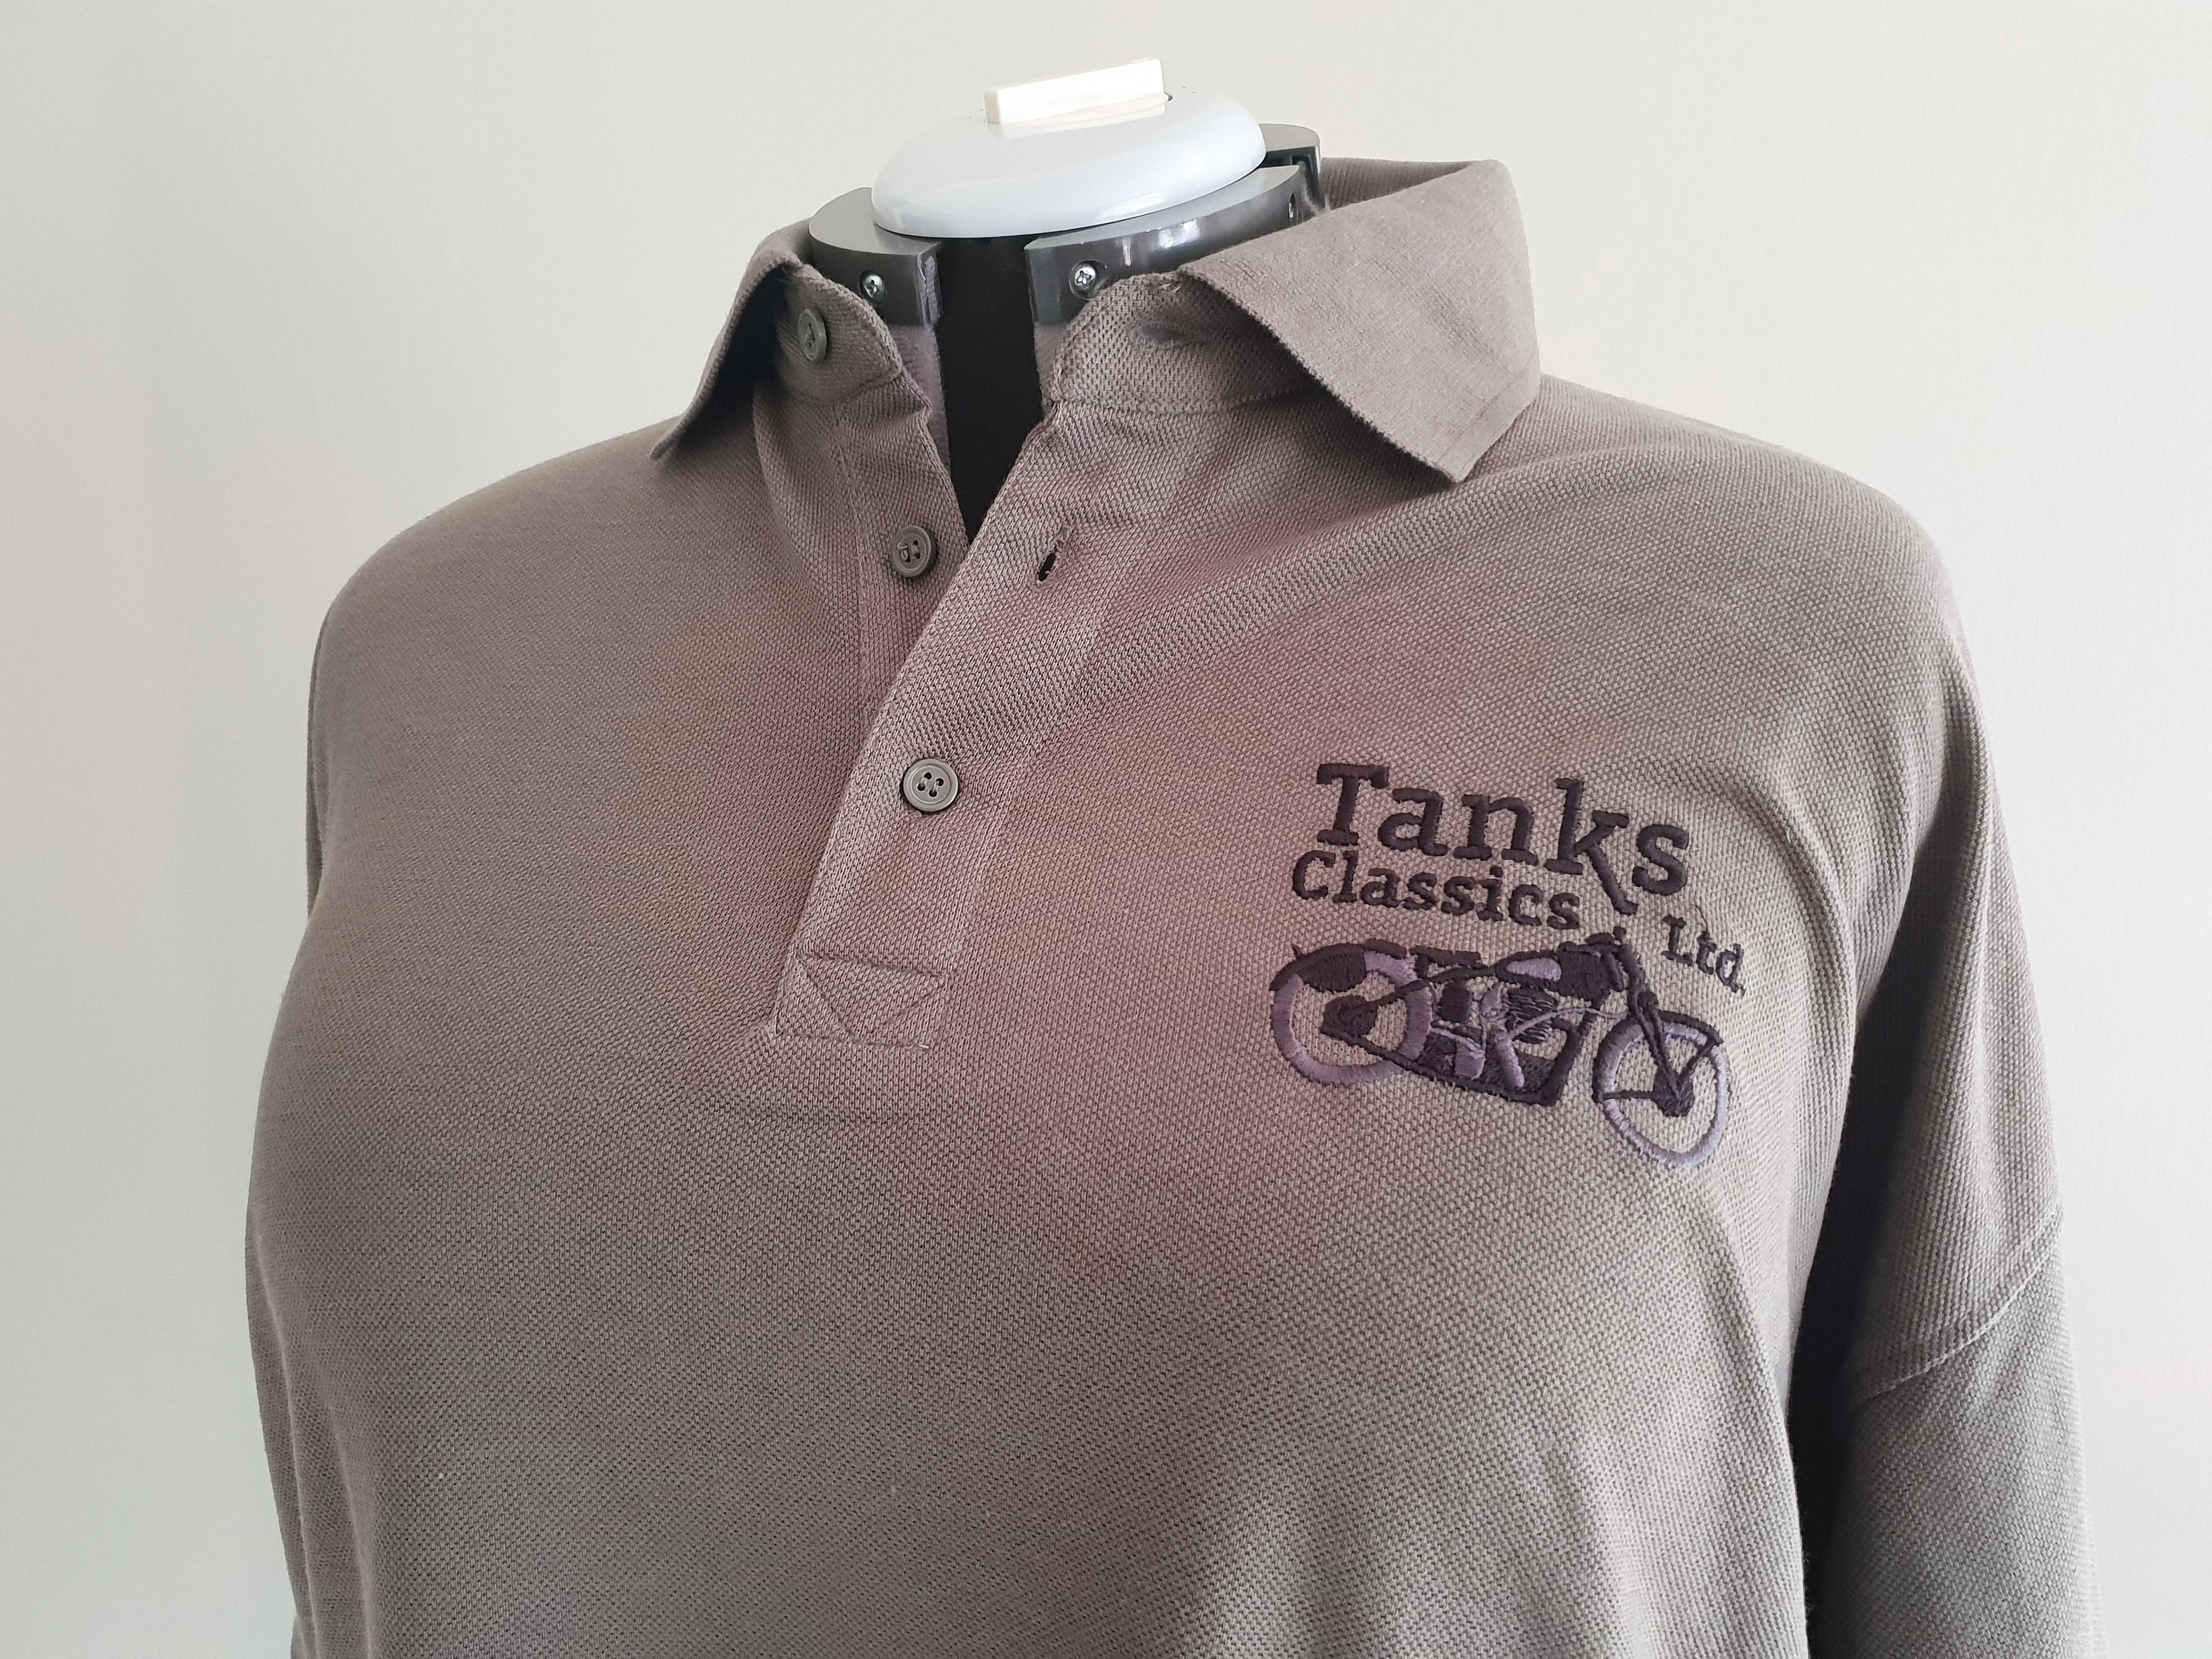 Velocette Clothing Tanks Classics Polo shirt